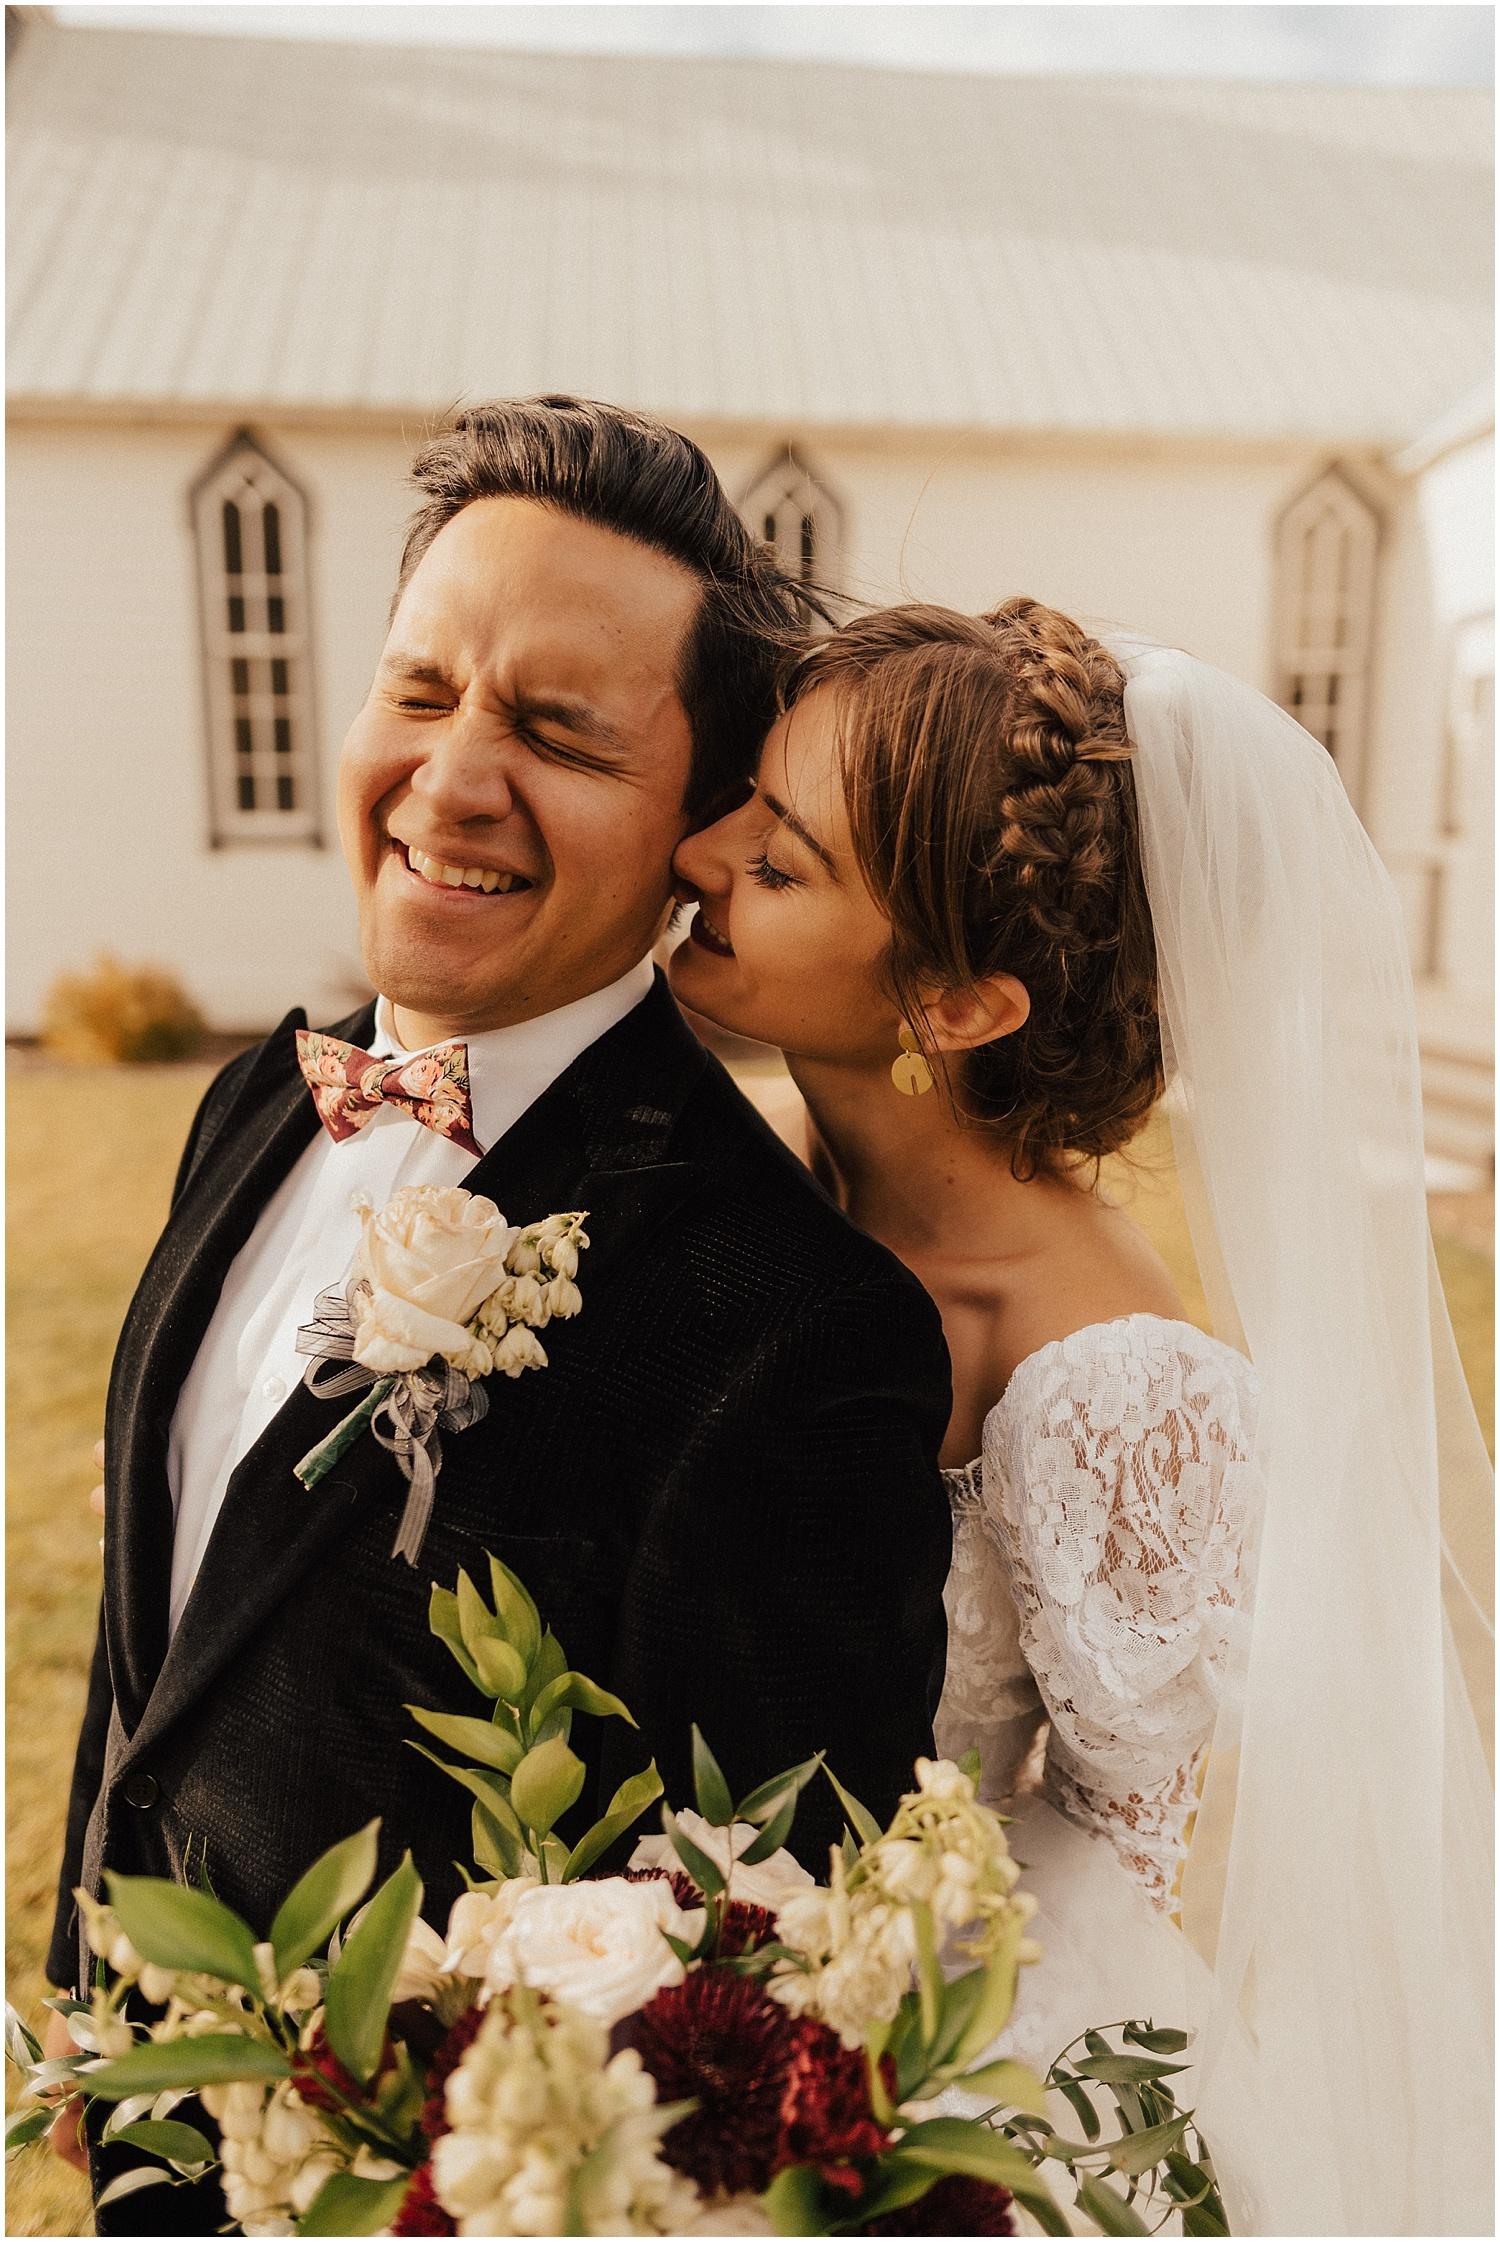 church-wedding-industrial-reception-sunvalley-idaho77.jpg